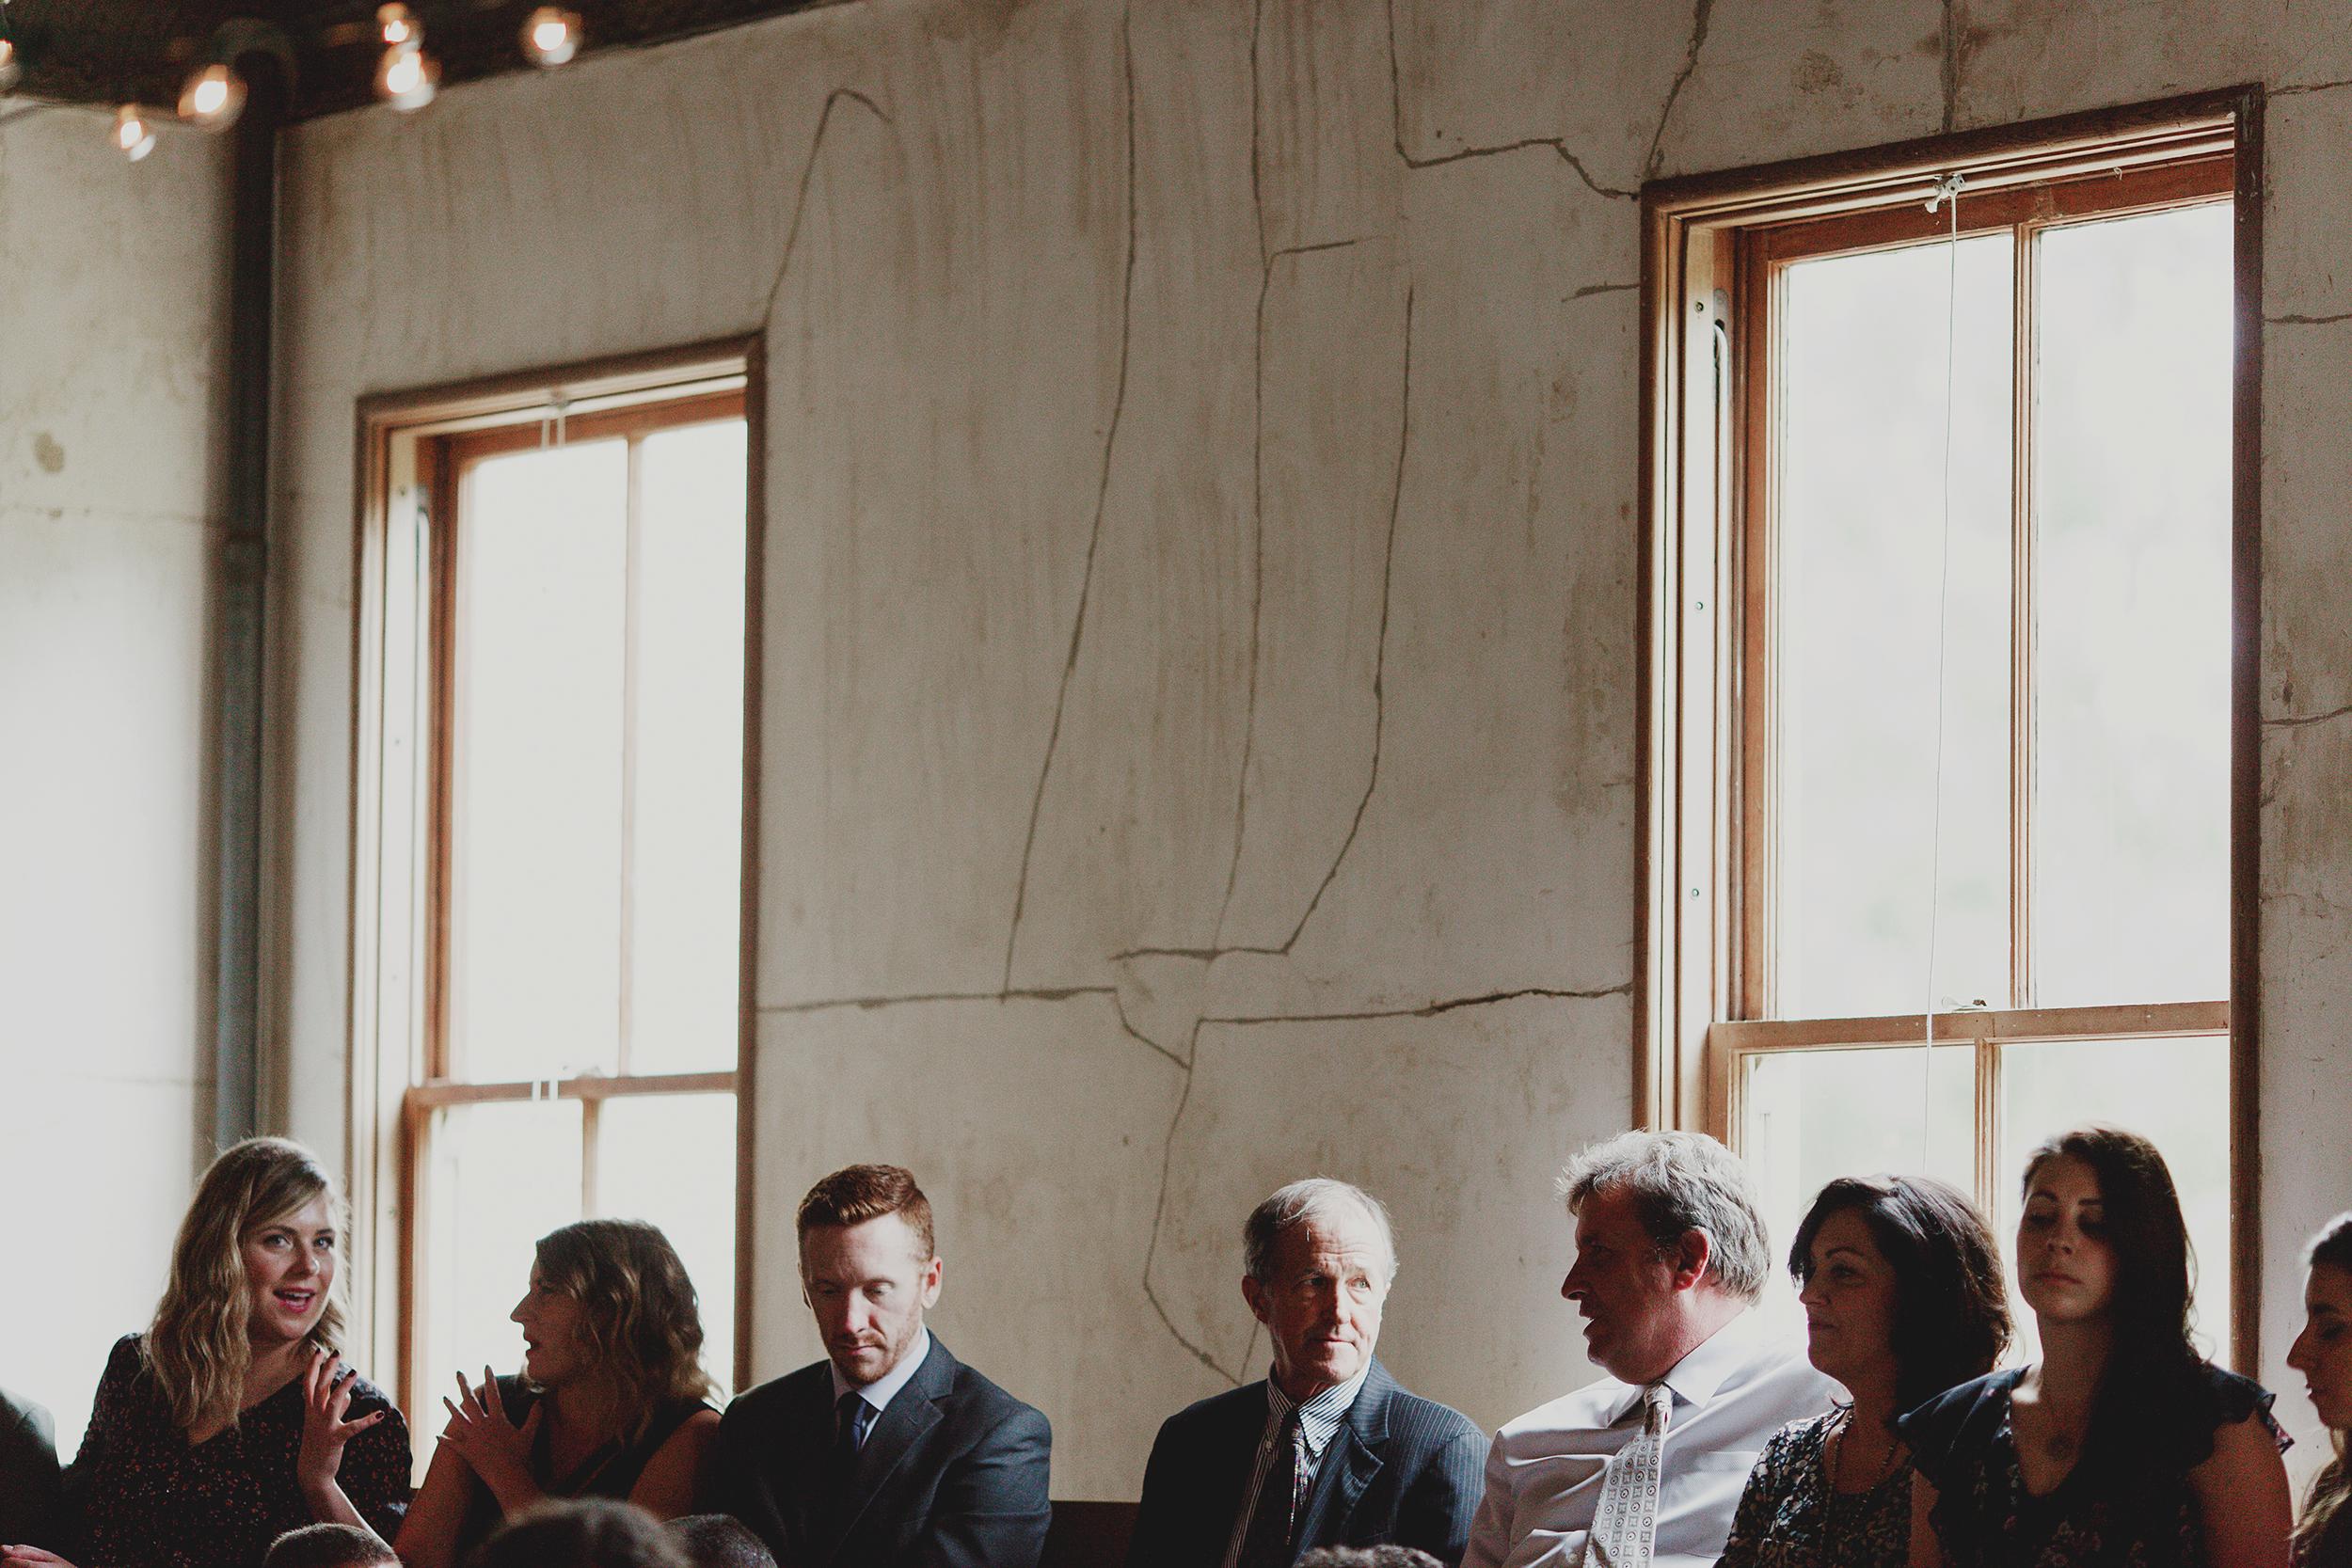 headlandscenterwedding_073.JPG